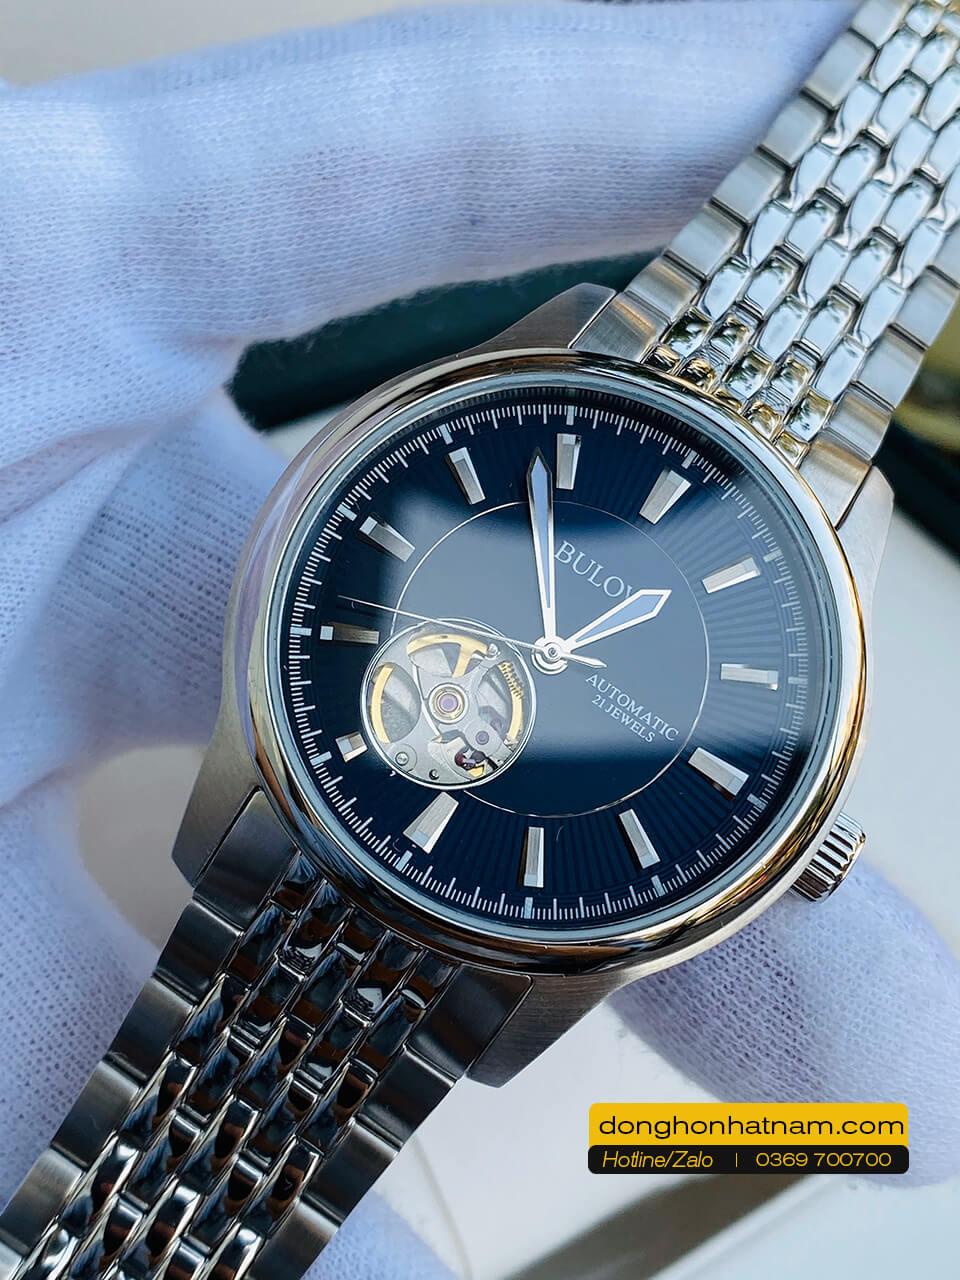 Bulova open heart 96A189 Automatic Blue Dial Steel